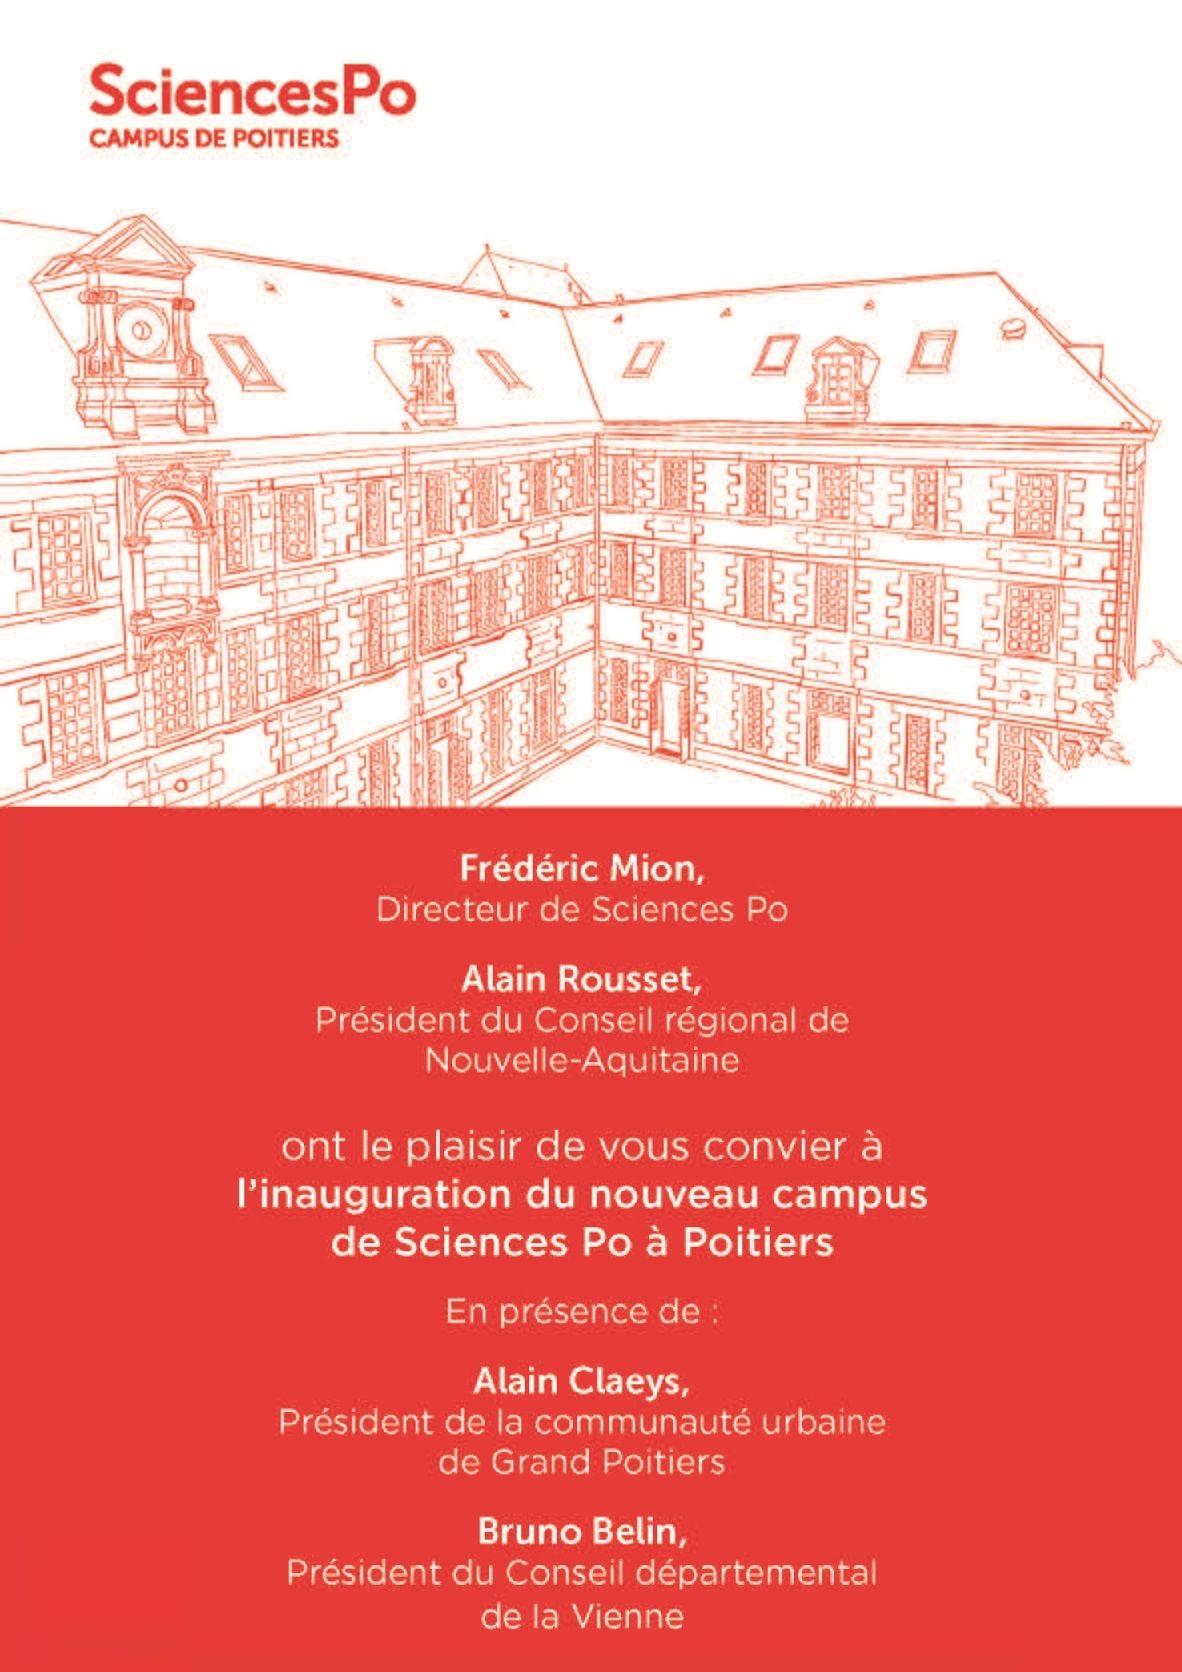 Sciences Po inaugure son nouveau campus de Poitiers